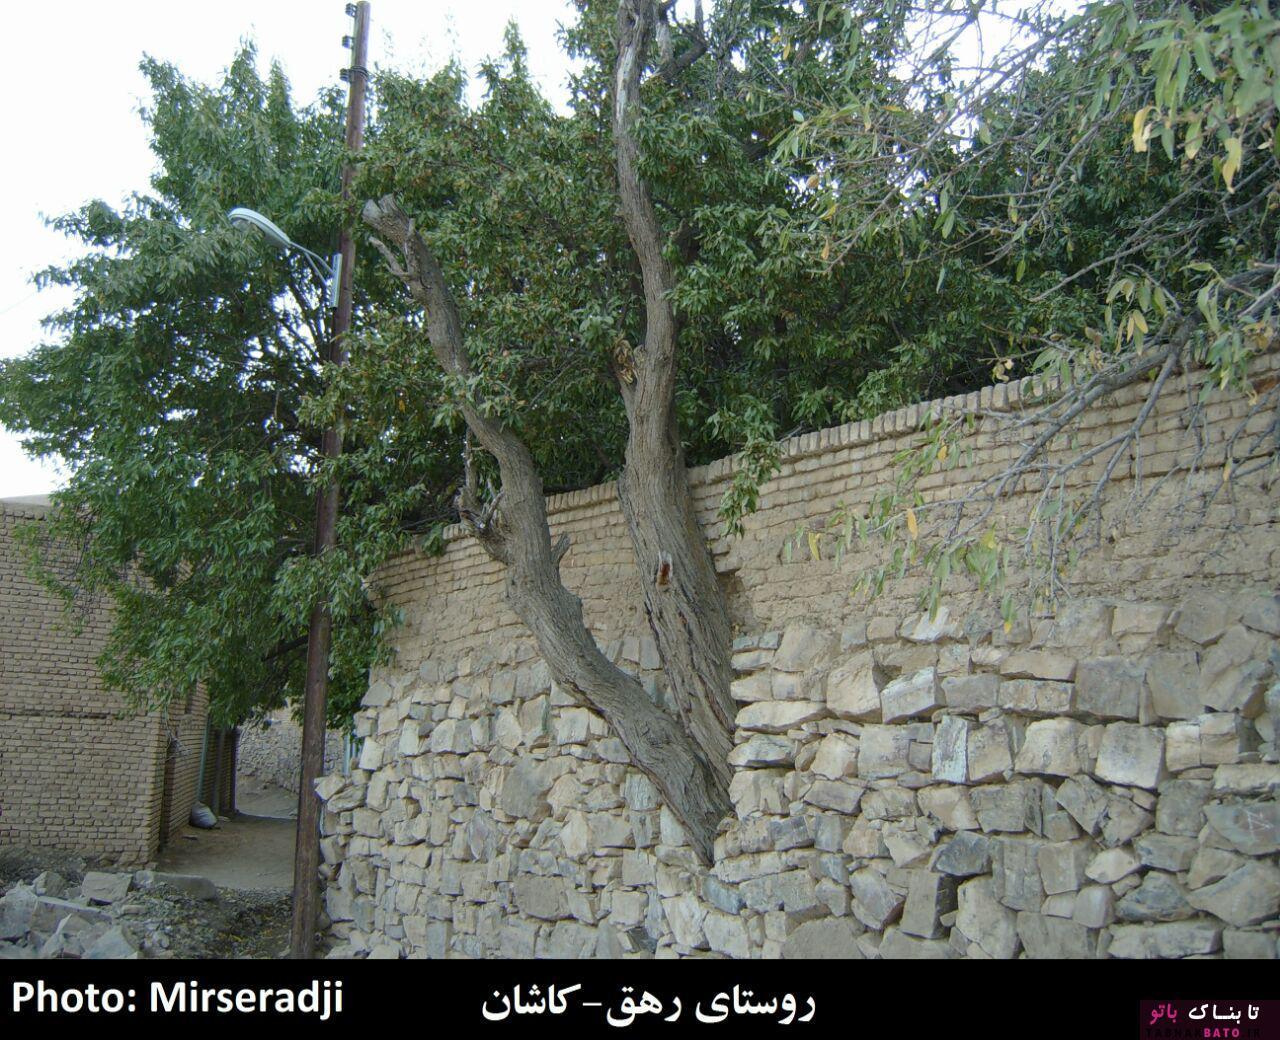 رویکرد عجیب ایرانی ها در برابر درخت